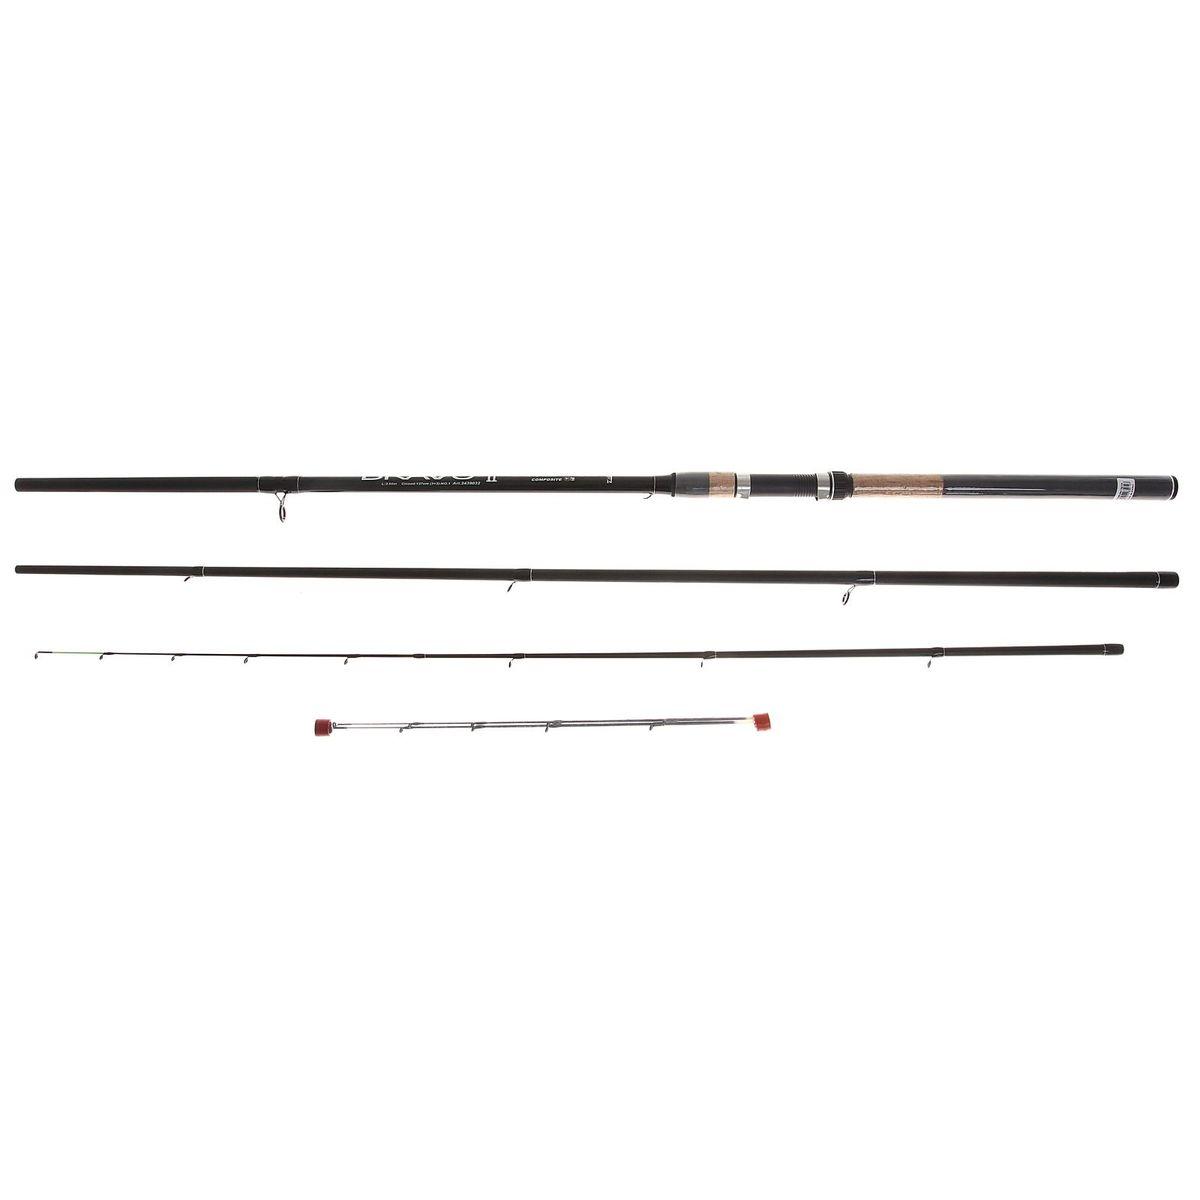 Спиннинг Zhibo Bravo Feeder, 3,6 м4271825Спиннинг ZHIBO Bravo Feeder 3.6м (3+3) 120г 2439032 (D34) Надежный, среднего строя фидер. Рекомендуется для широкого круга рыболовов.